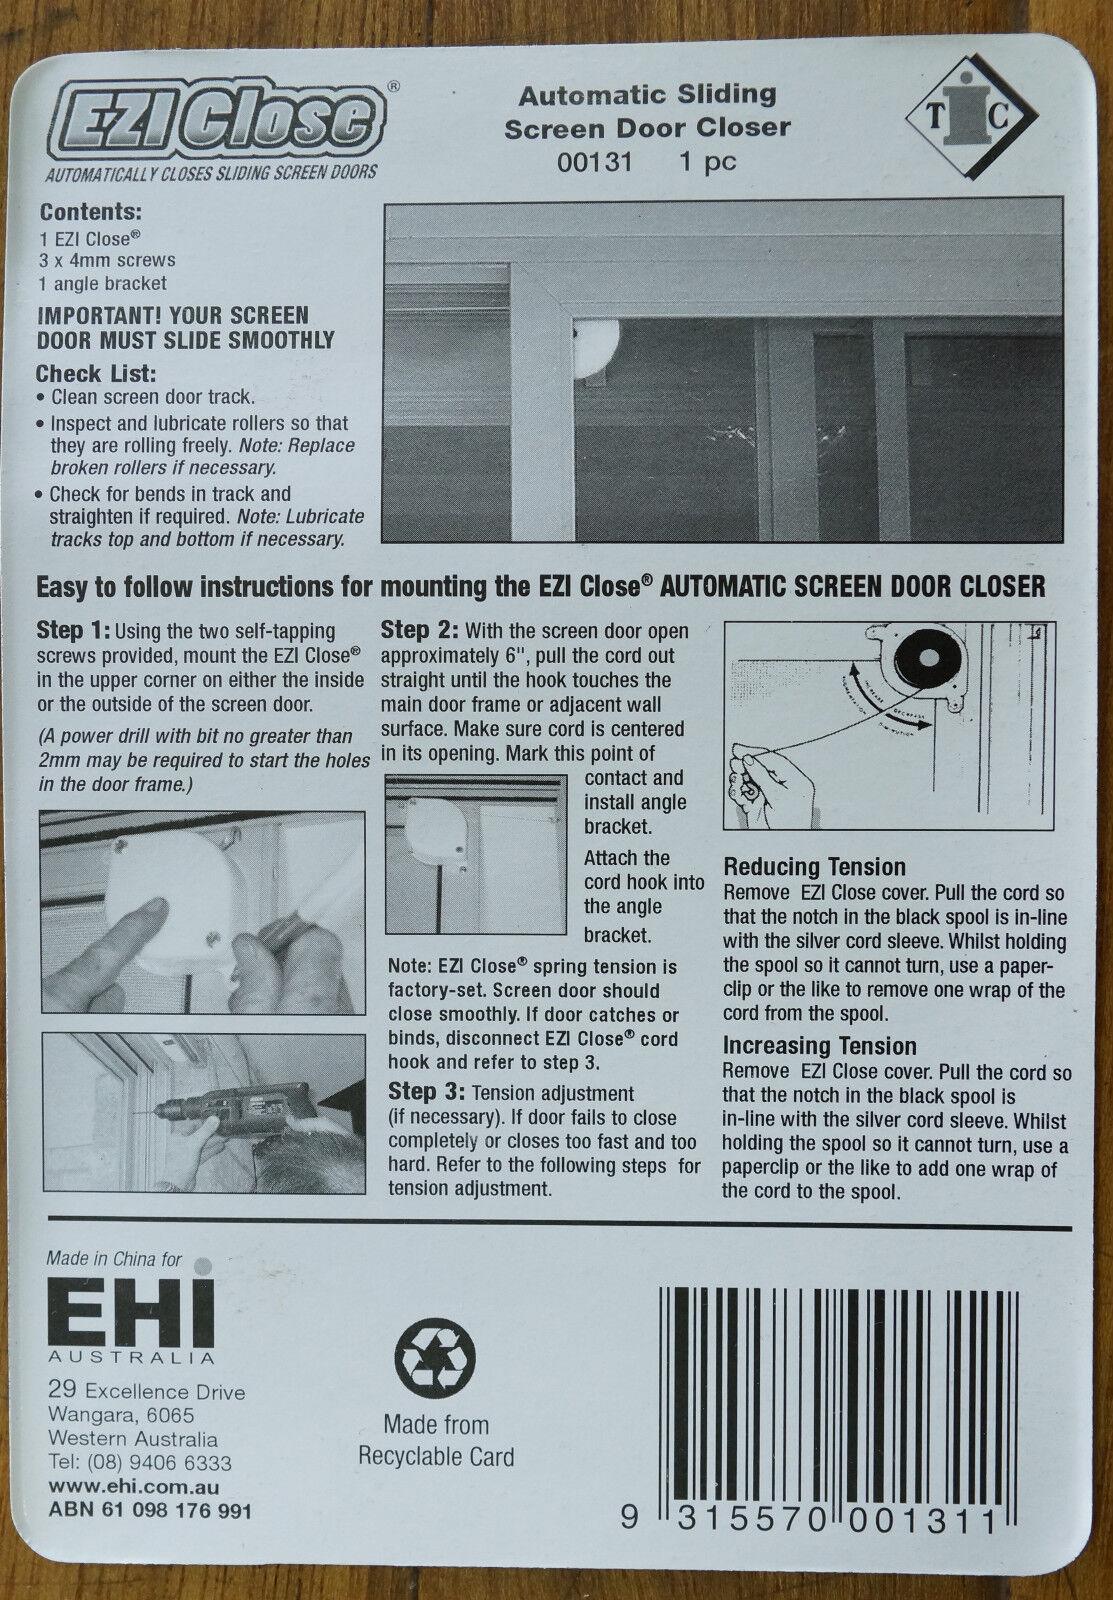 Ezi Close Compact Sliding Screen Door Closer Ebay